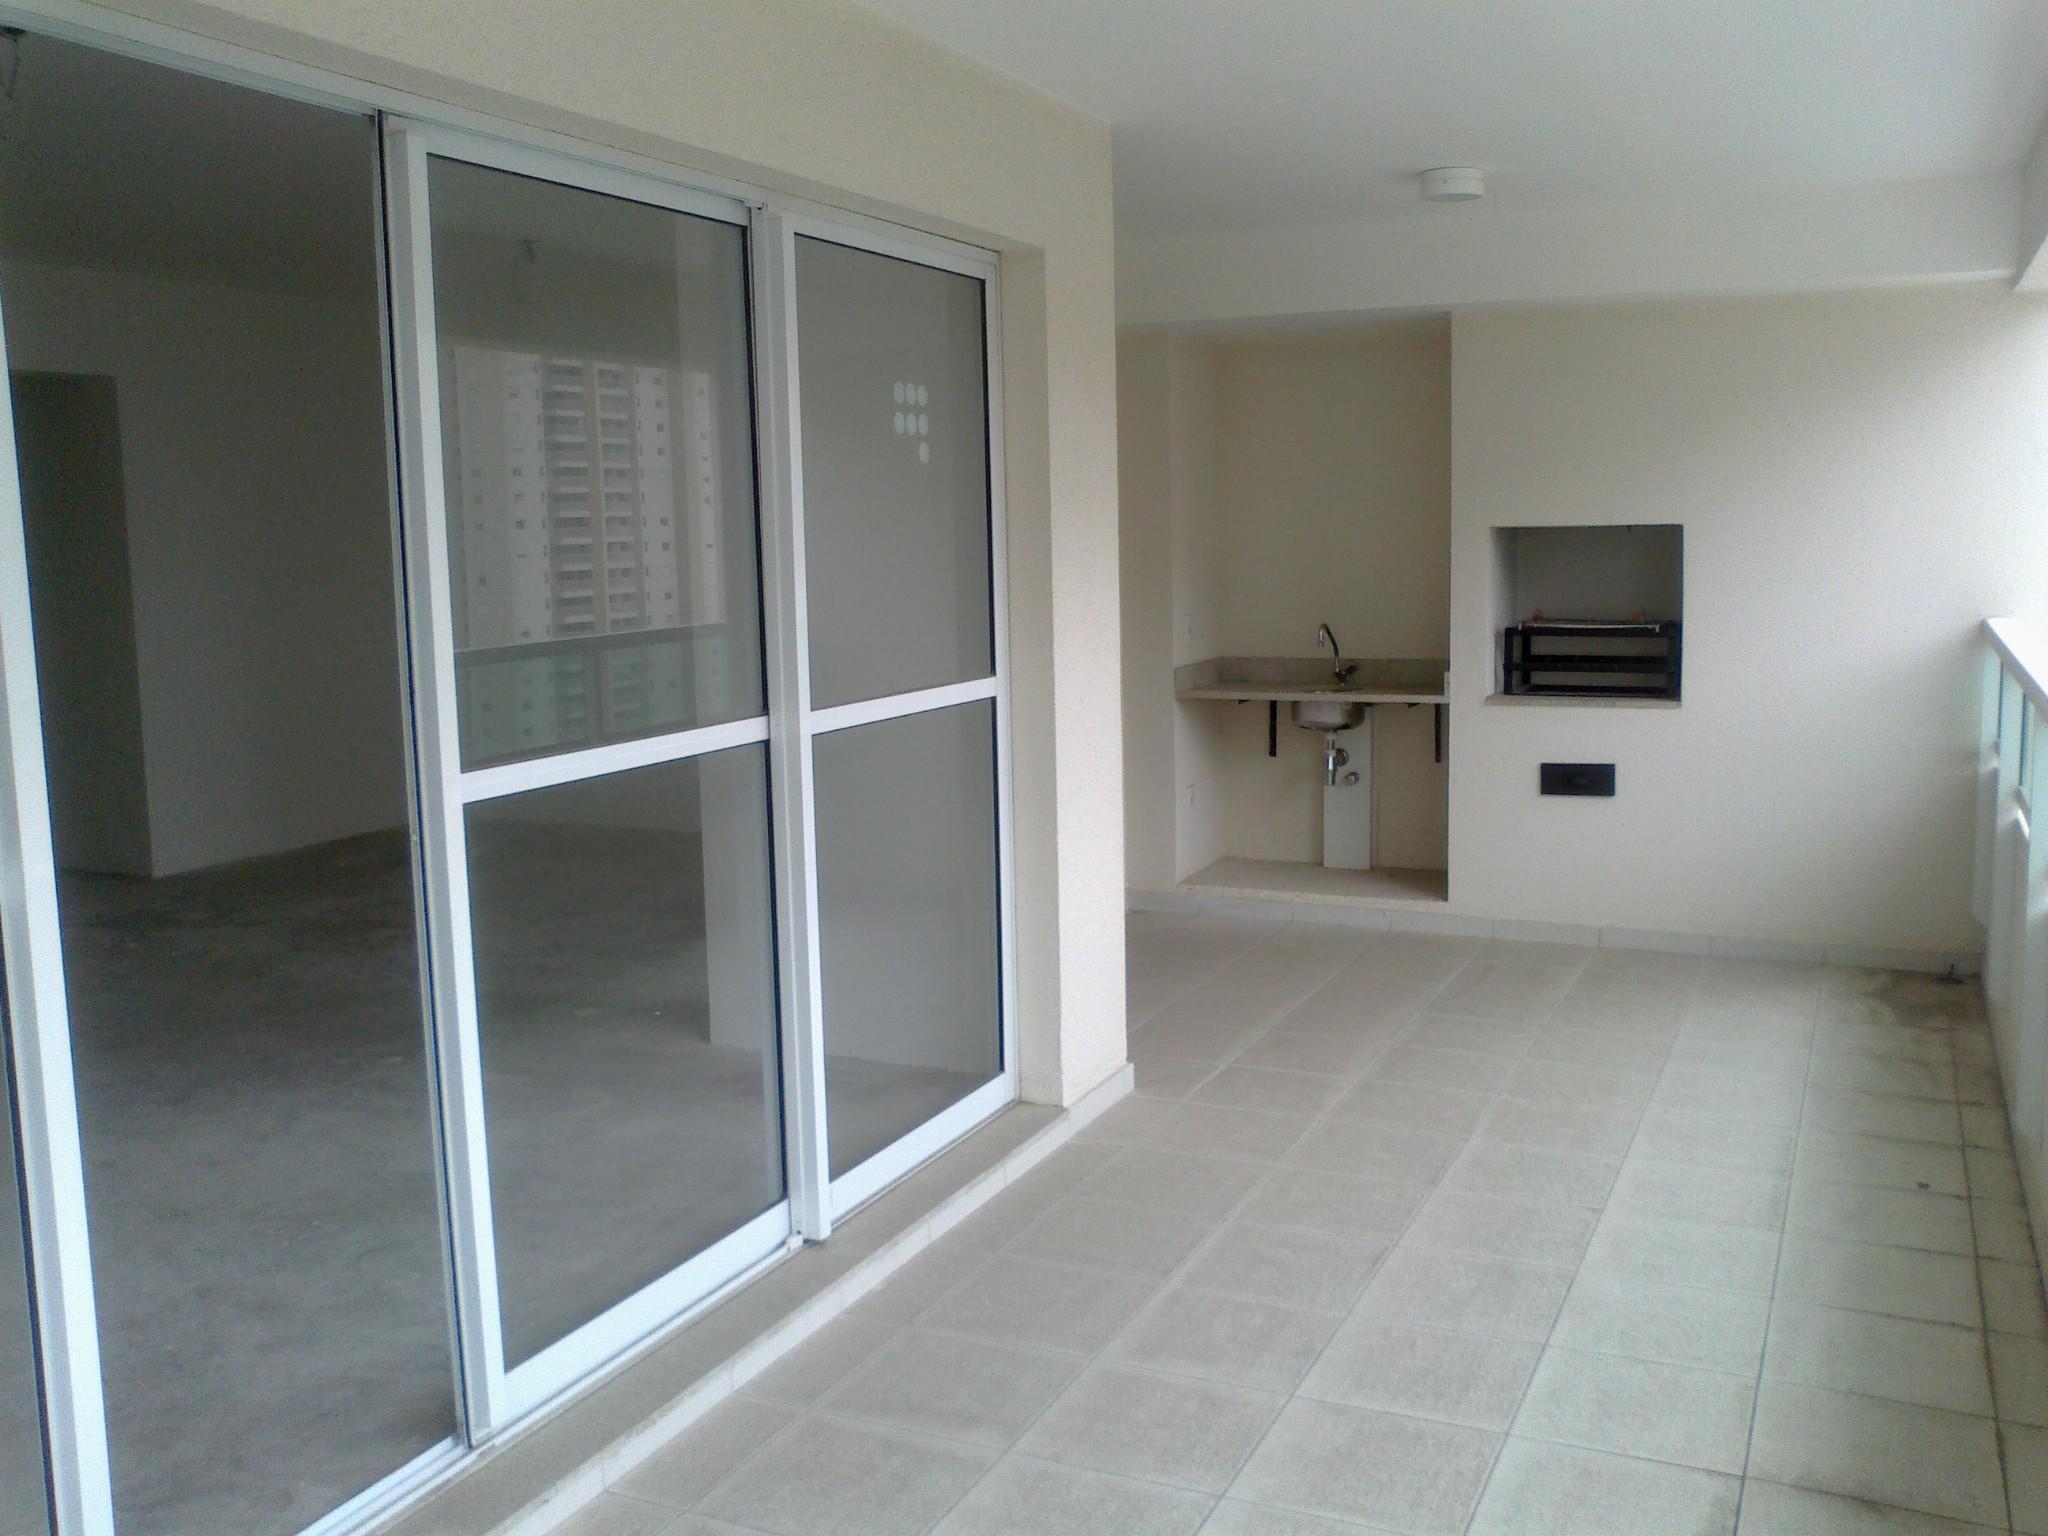 Apartamento Residencial à venda, Conjunto Habitacional Calux, São Bernardo do Campo - AP0552.